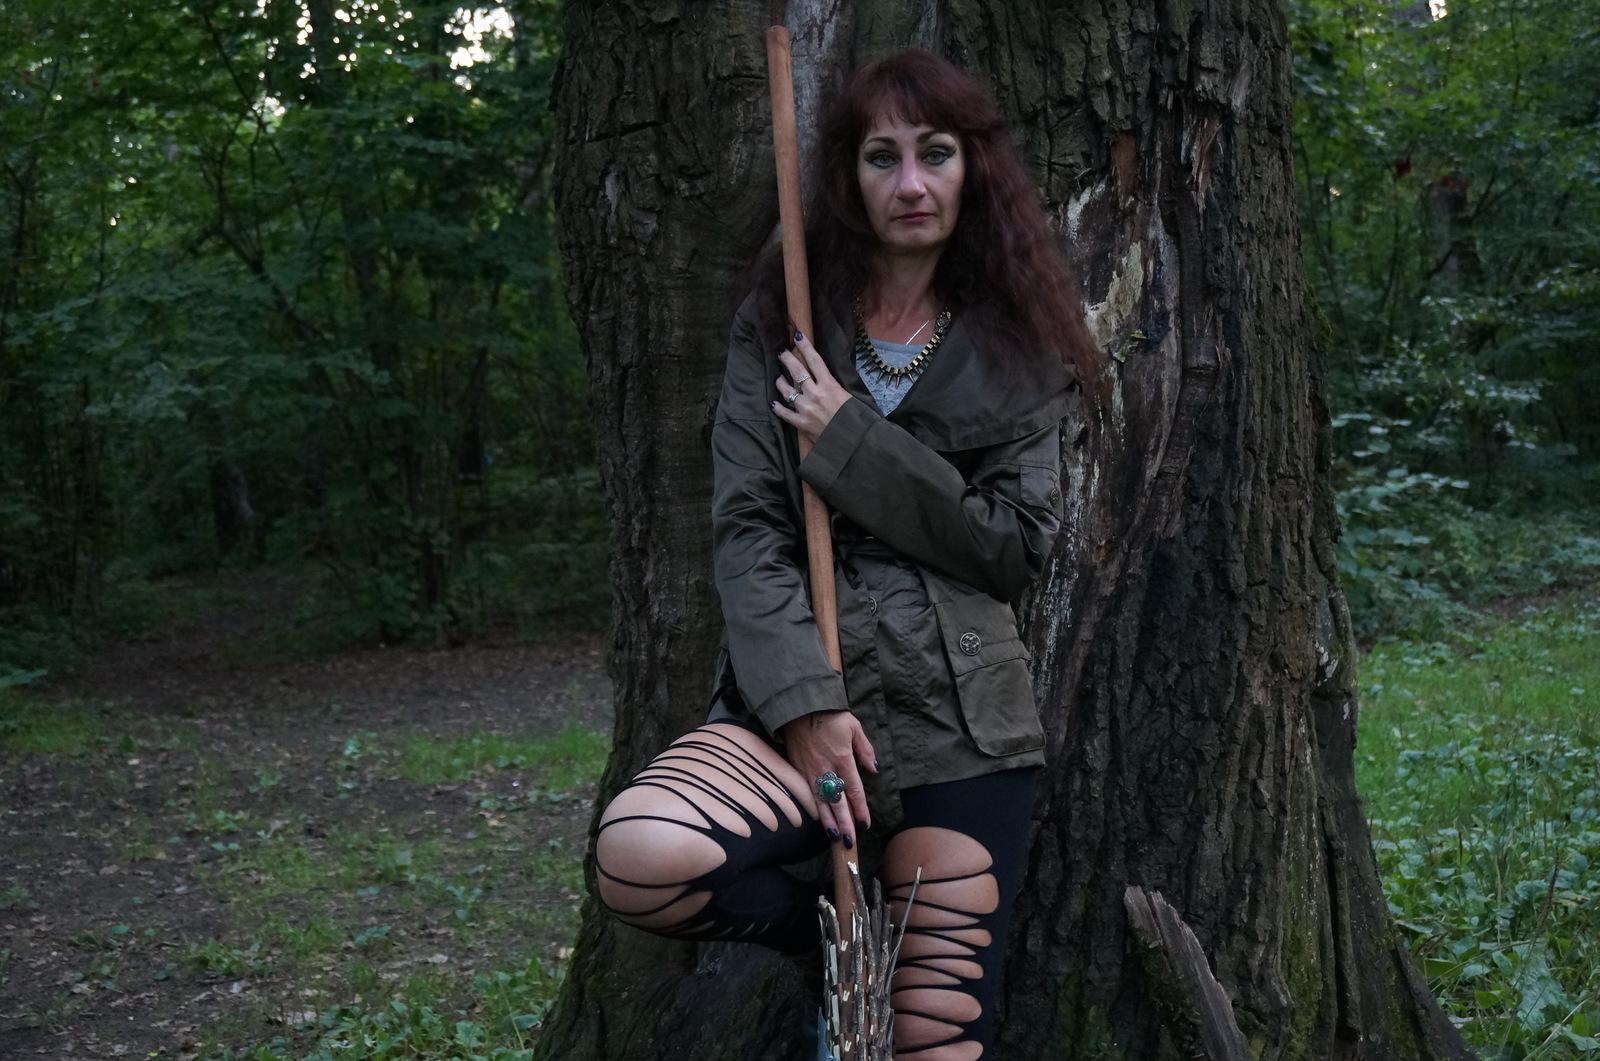 Эротические фото ведьм, нижнее белье актриса фото